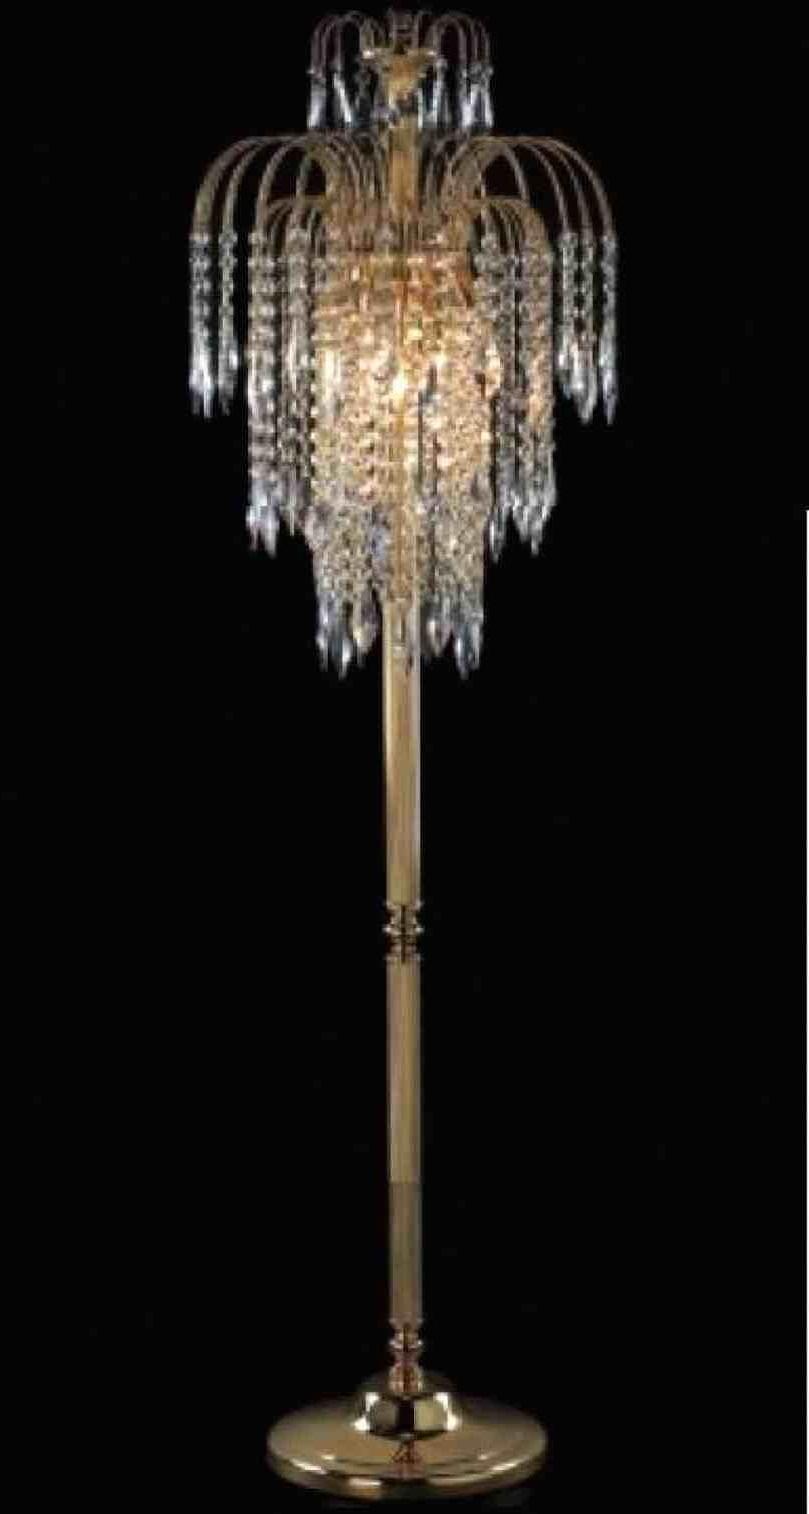 Chandelier Standing Lamps Within Most Up To Date Targetrhvirmnet Lamps Standing Photo Source Rheatstatuskuocom Floor (View 2 of 15)